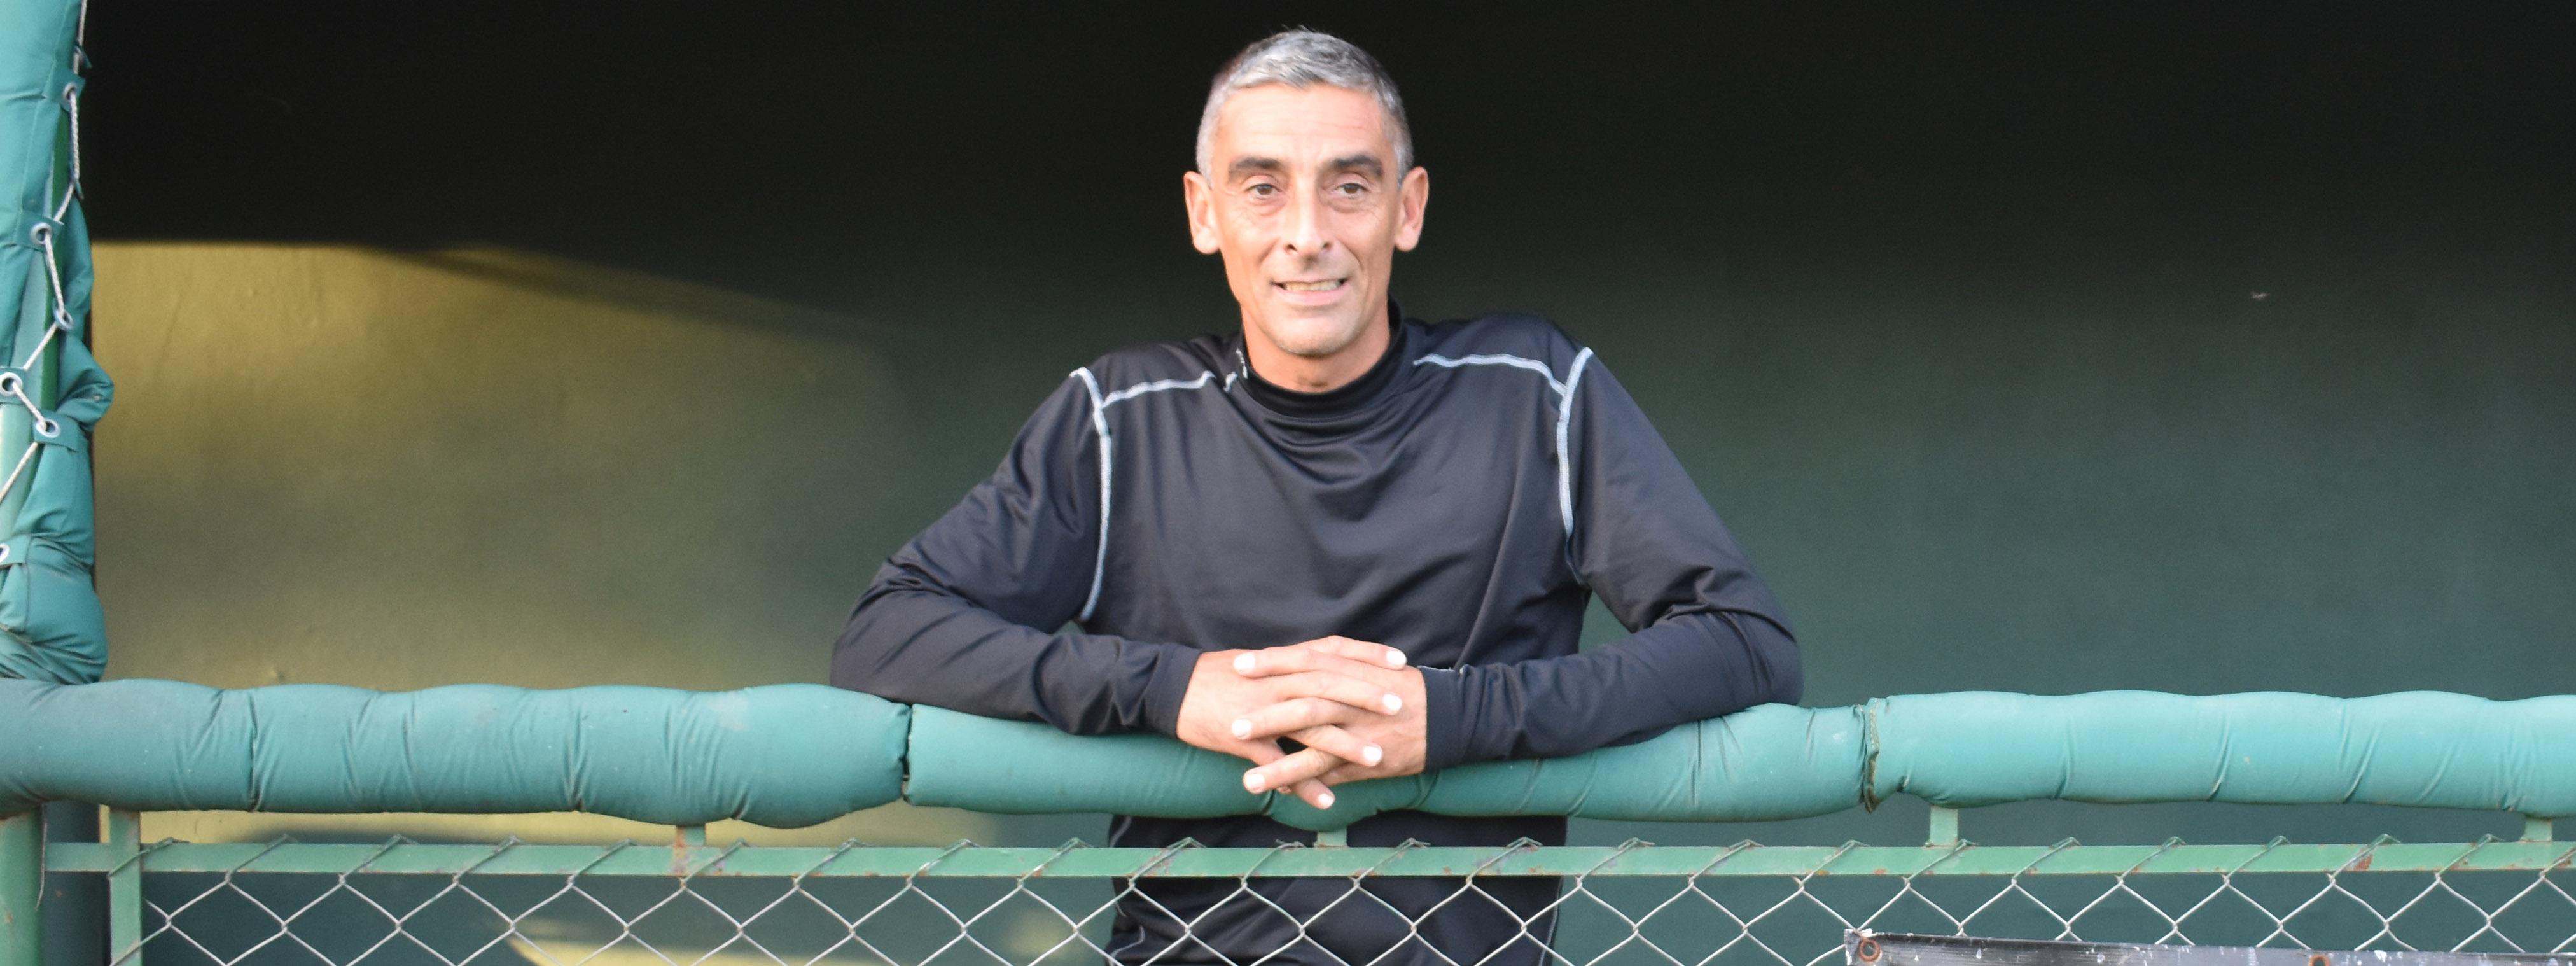 """BÉISBOL: """"Este año veremos un equipo más maduro, pero con el mismo hambre"""" (Darío Martín, manager de Dolphins)"""